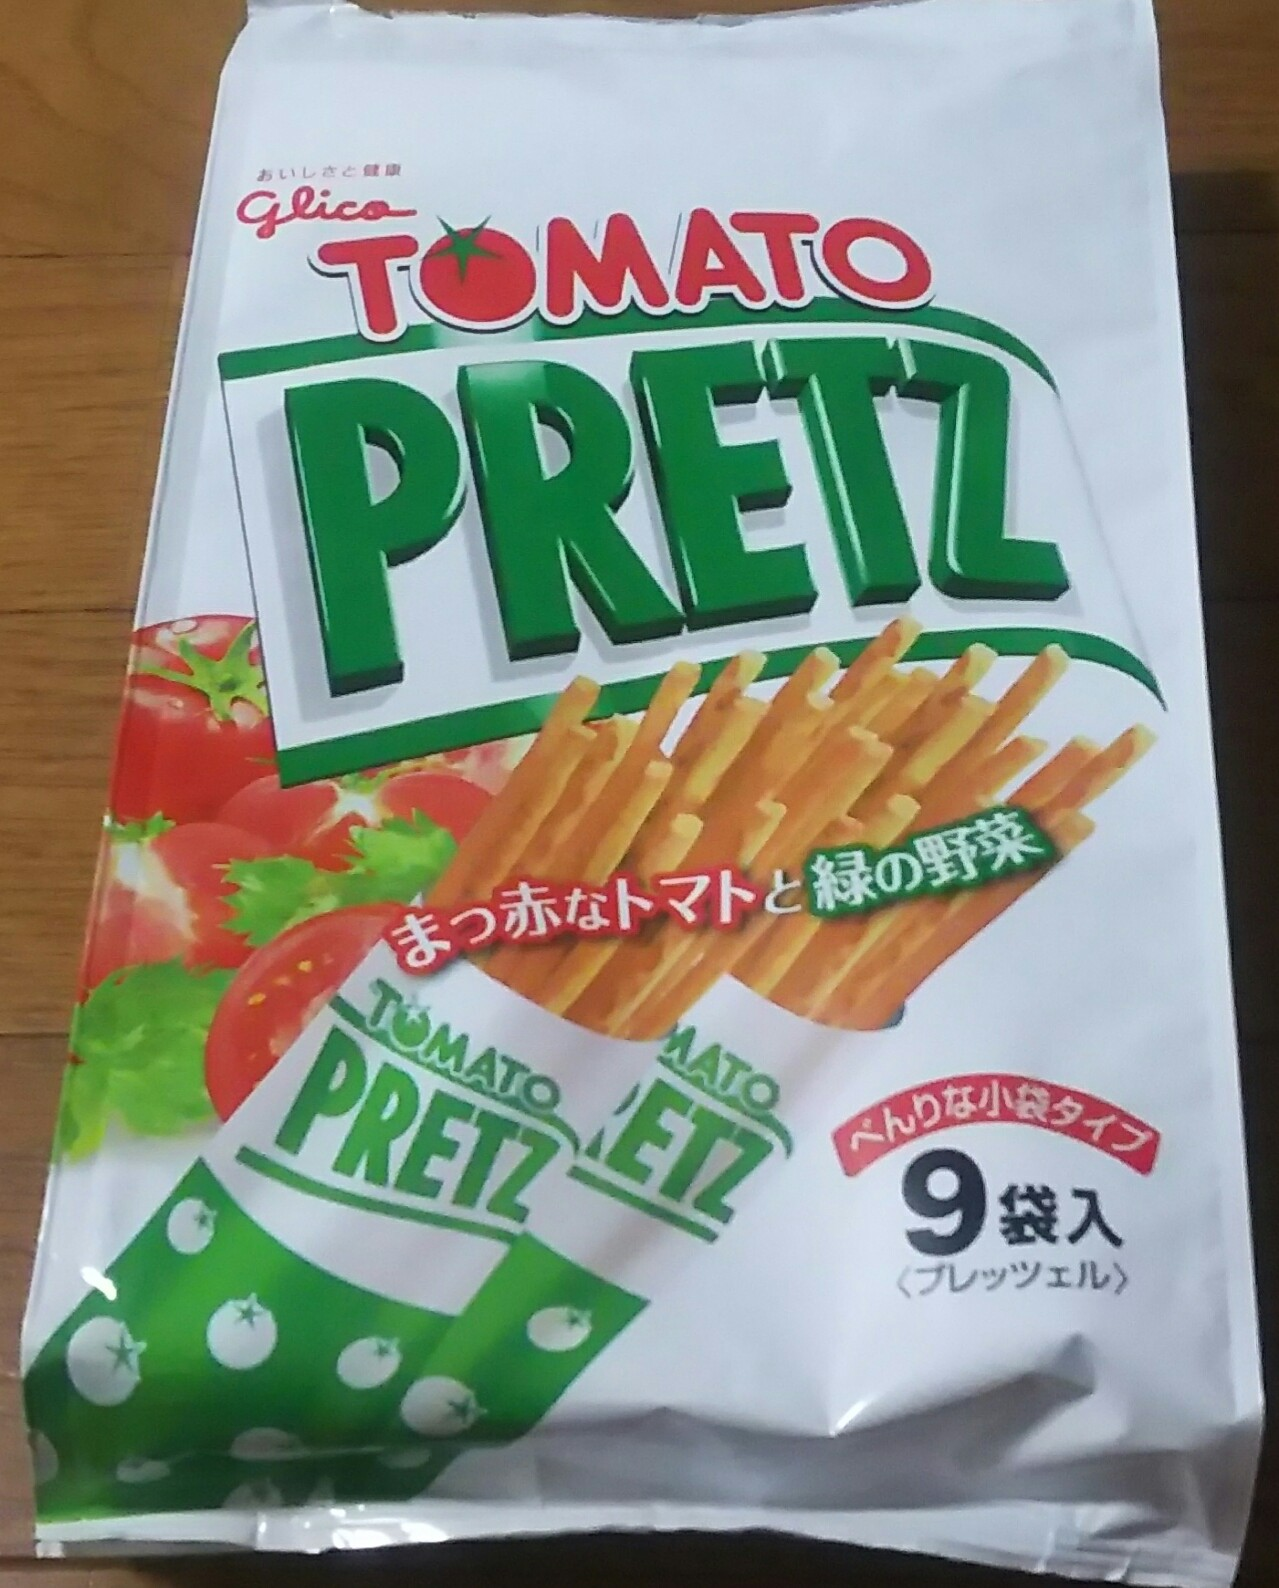 トマトプリッツ(グリコ)感想・レビュー